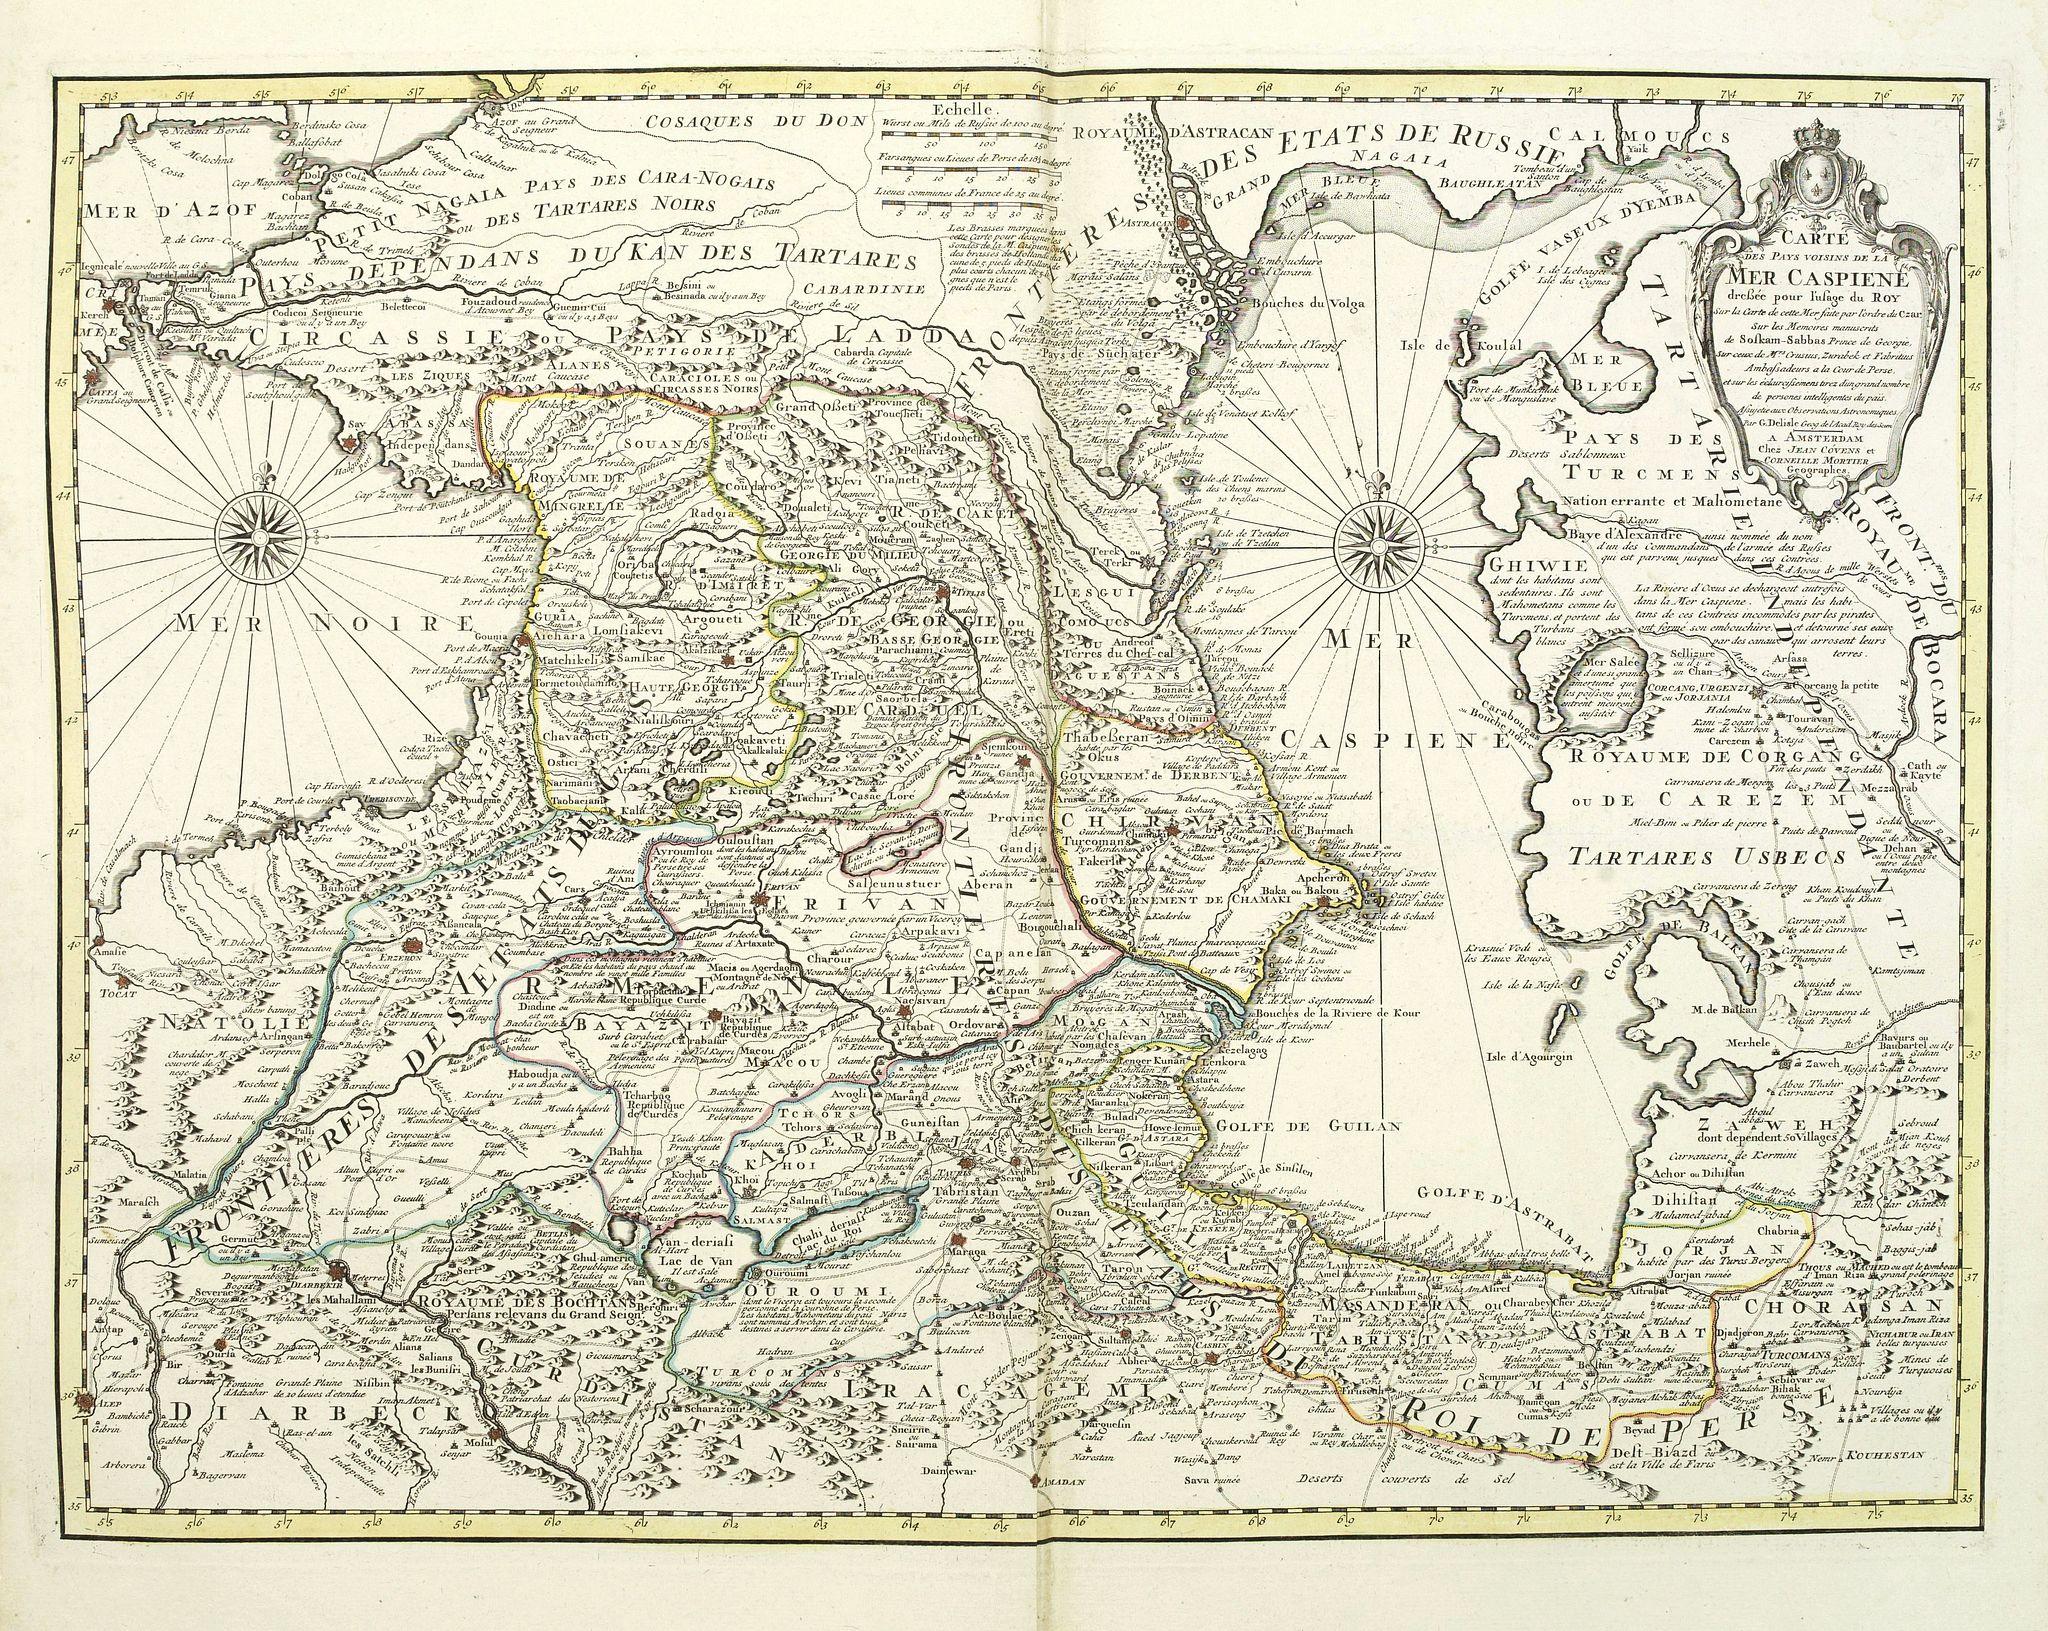 COVENS, J. / MORTIER, C. -  Carte des pays voisins de la mer Caspiene.